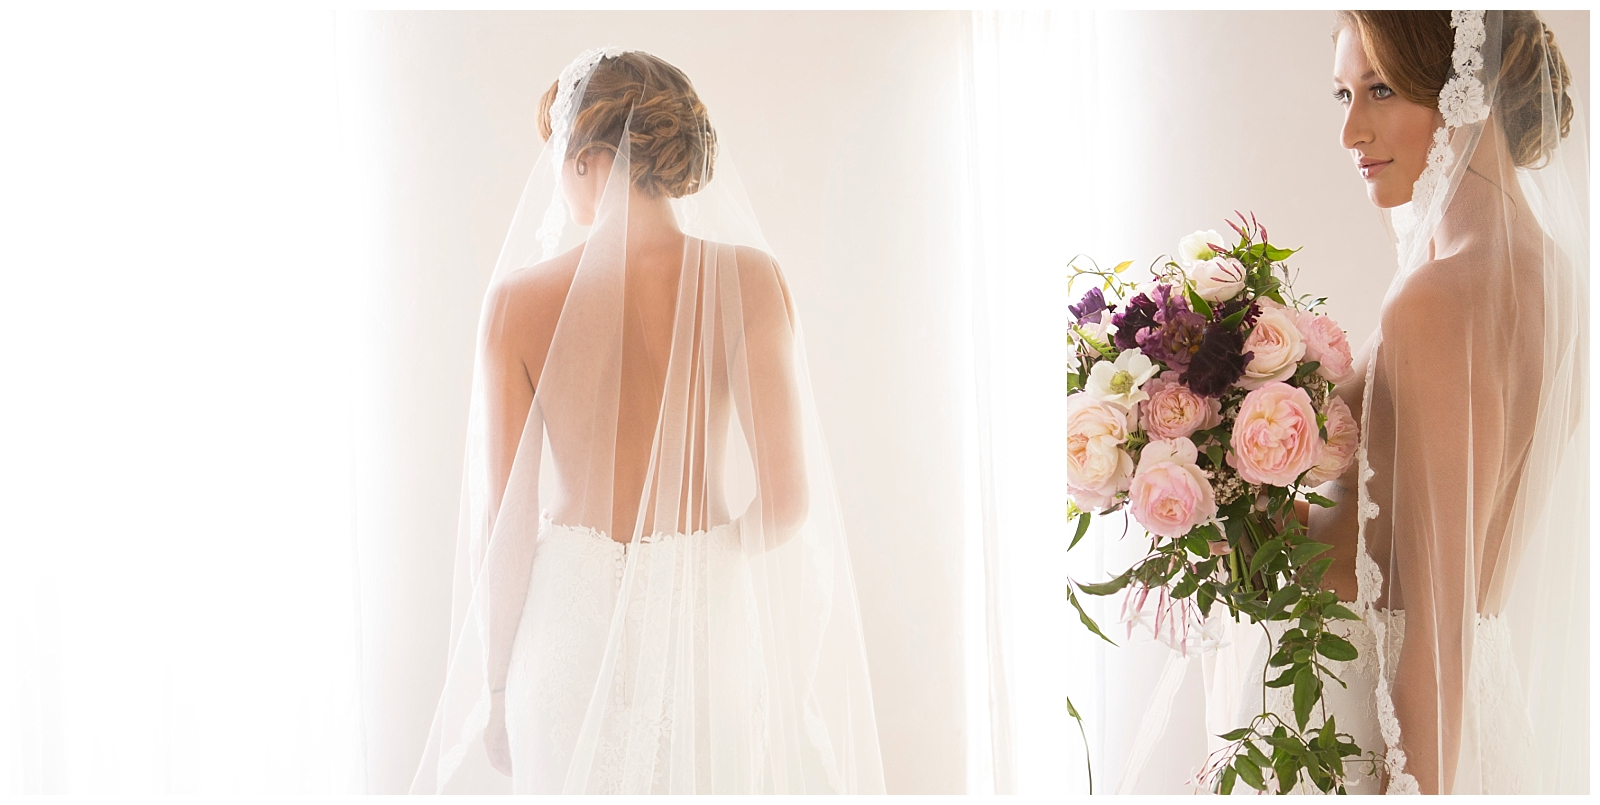 Bridal-Veil-inspiration-Epiphany-Boutique-wedding-dress-Carol-Oliva-Photography.jpg